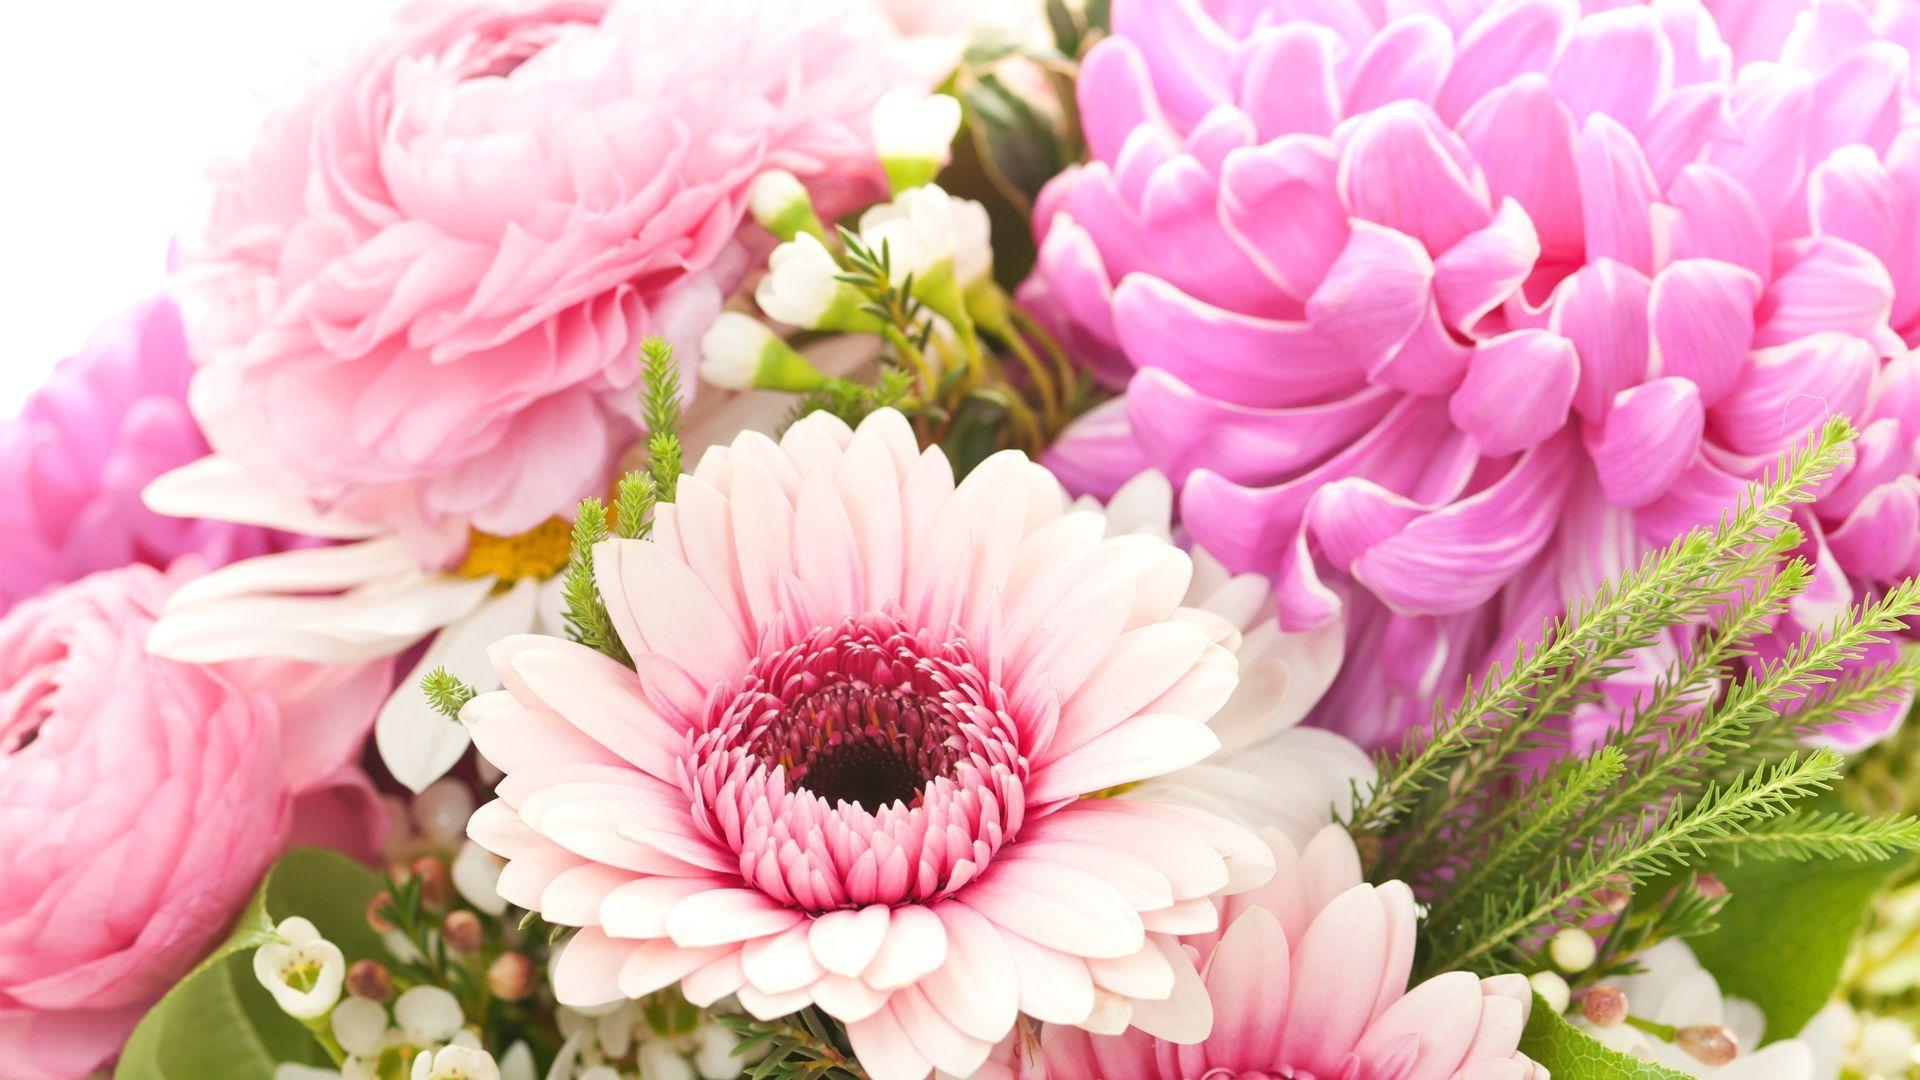 Contáctanos - Amborella artesanía floral